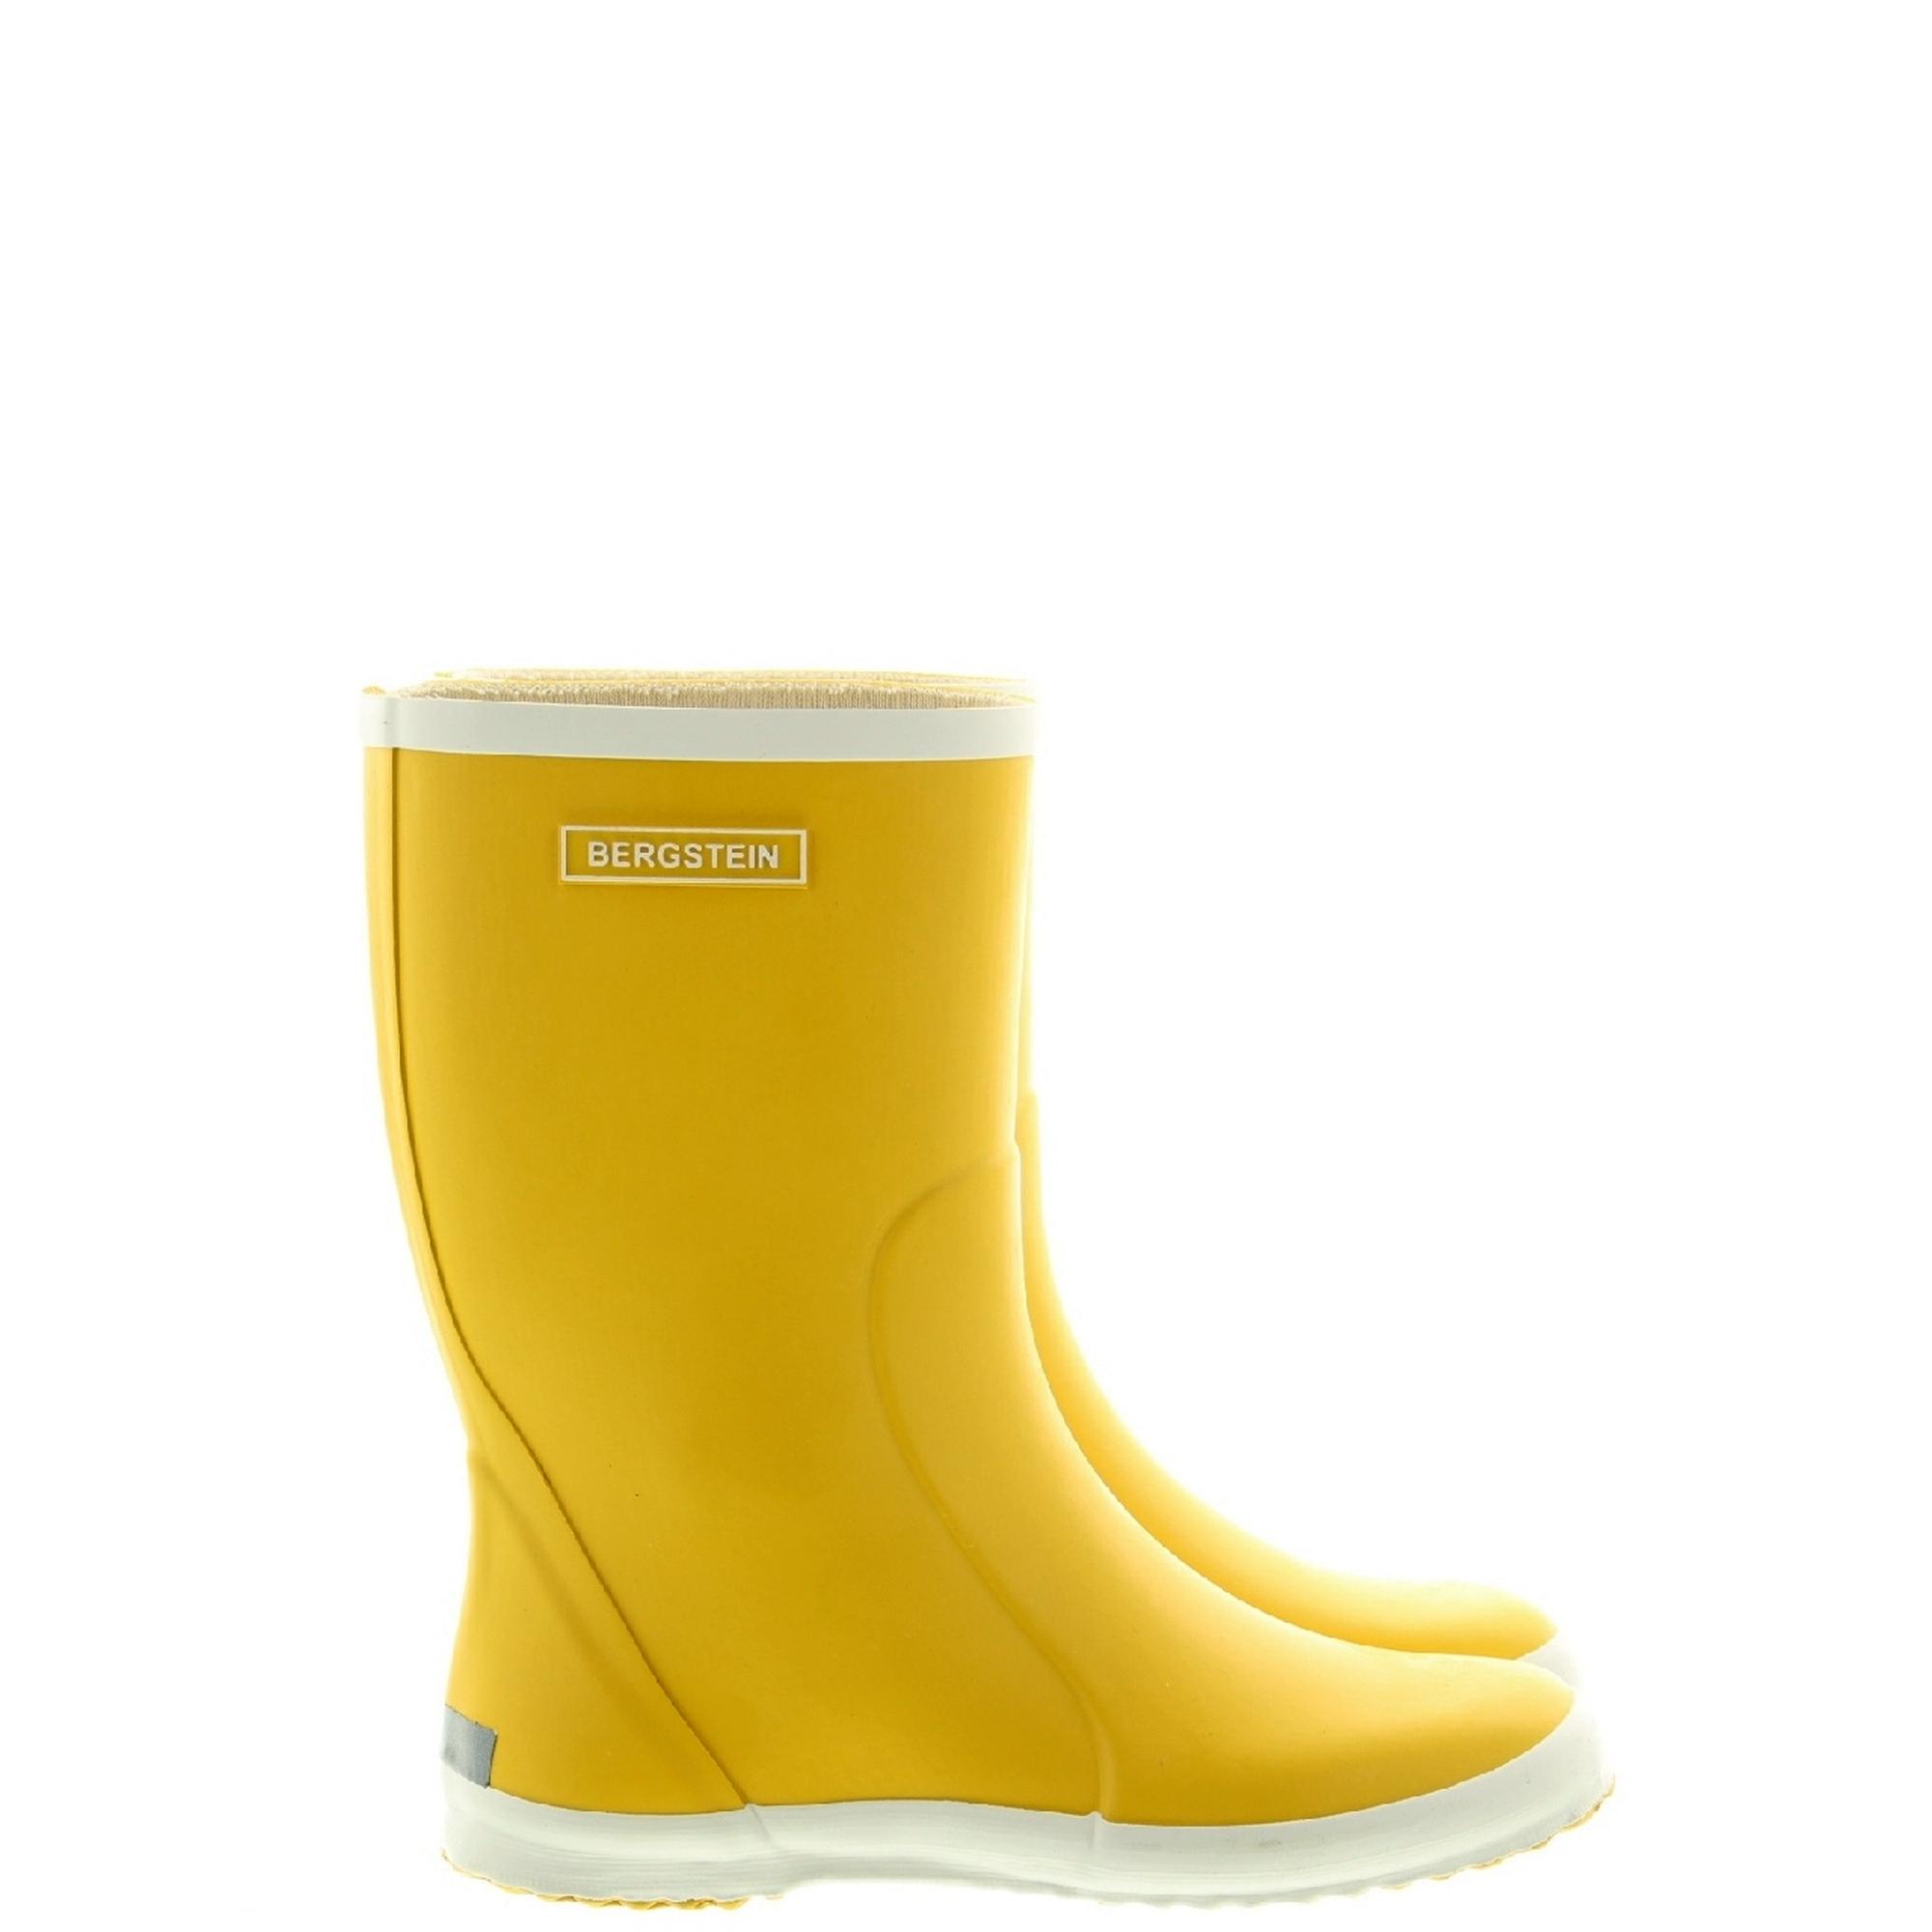 Bergstein Rainboot 85 Yellow